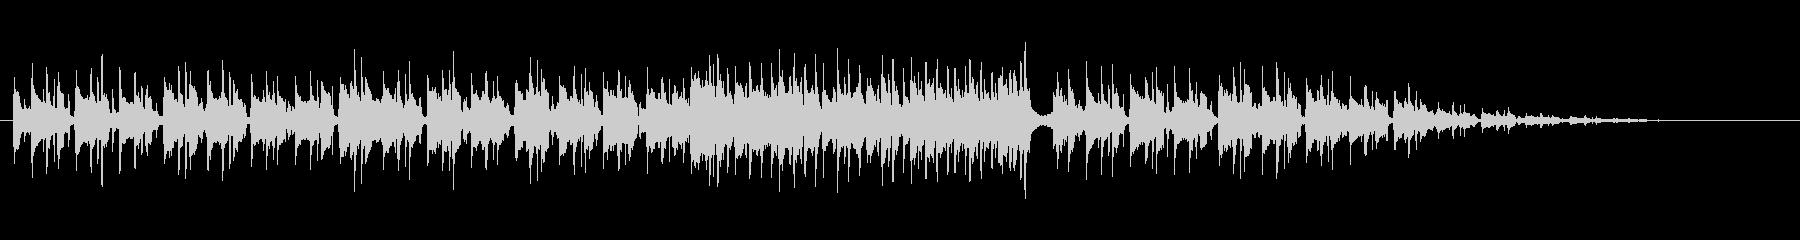 スタイリッシュなマイナー・フュージョンの未再生の波形